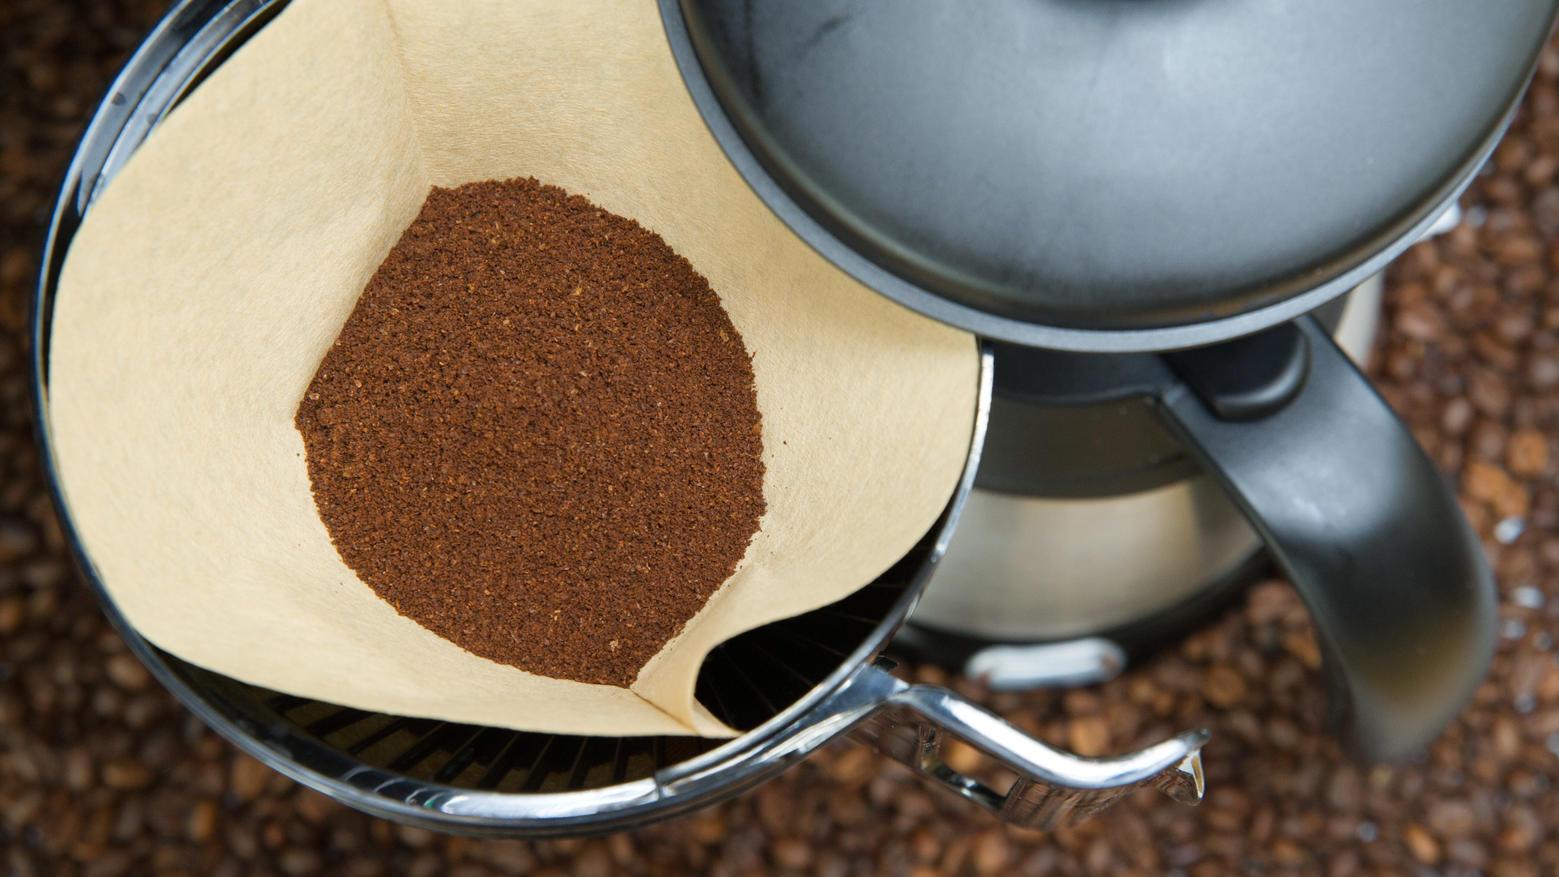 Filter-Kaffeemaschine mit frischem Kaffeepulver